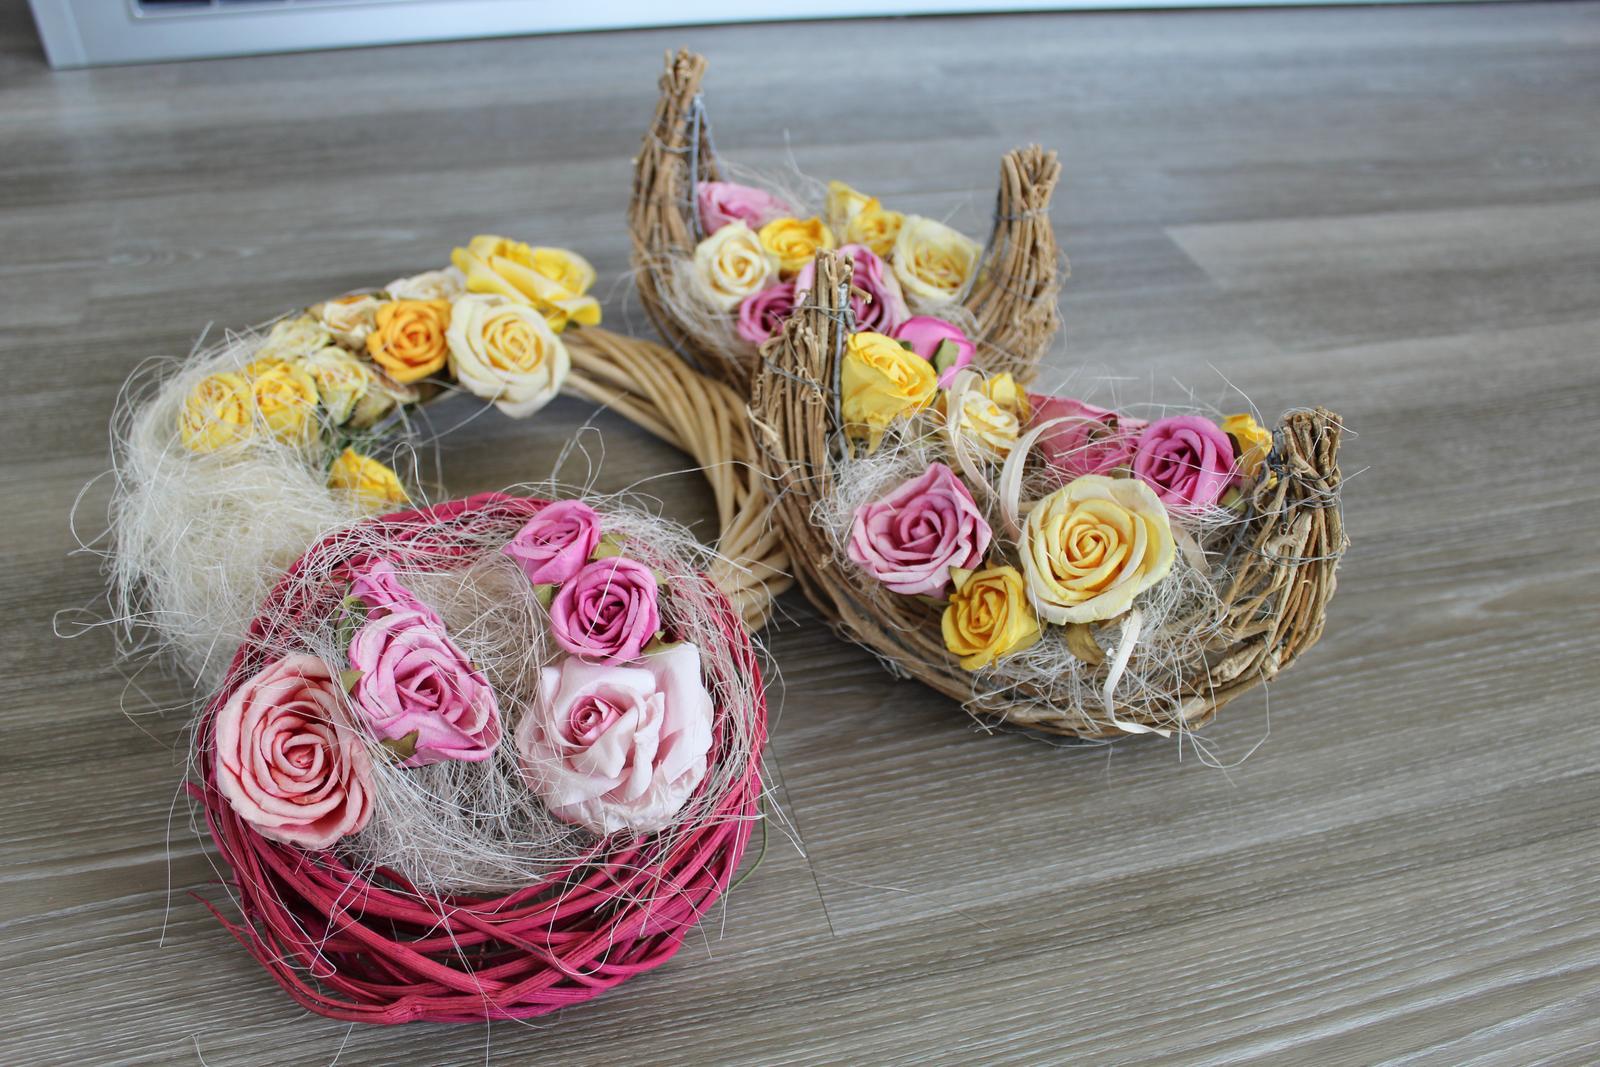 Věnec a dekorace s květinovou výzdobou, růže - Obrázek č. 2